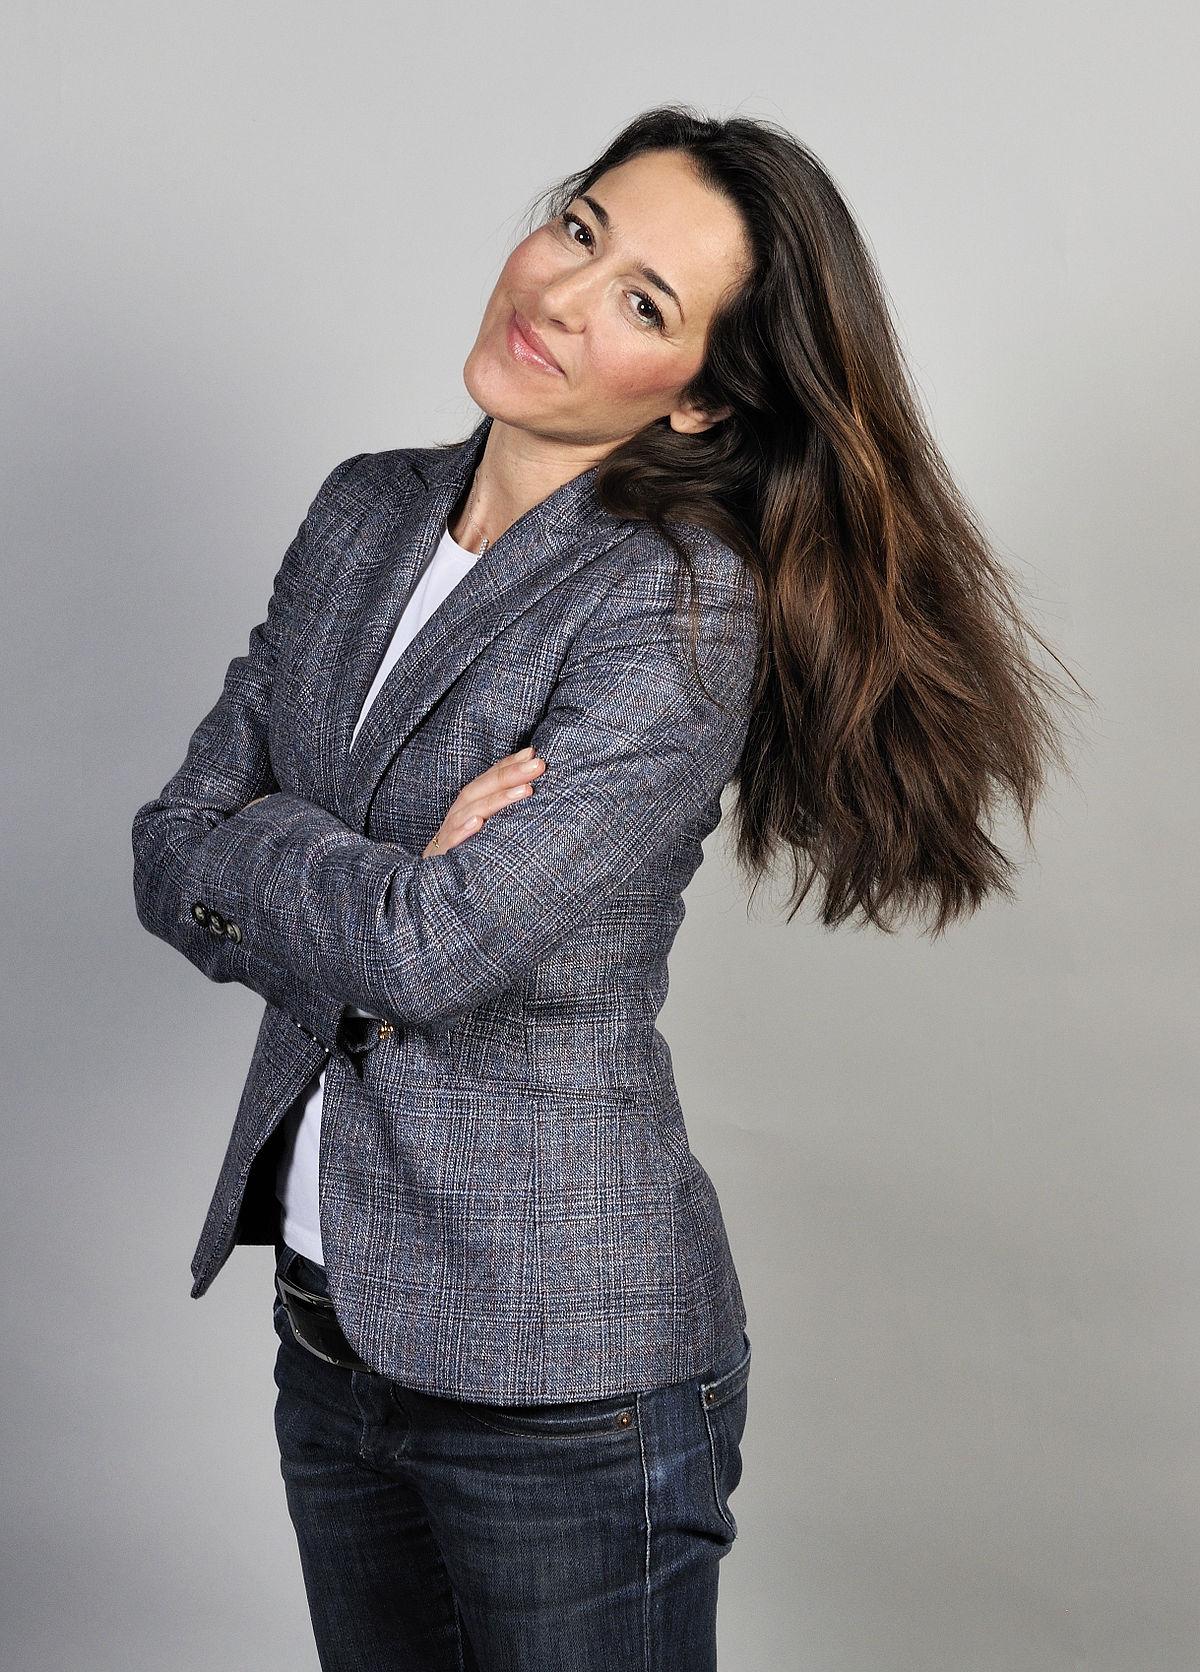 Licia Ronzulli  Wikipedia